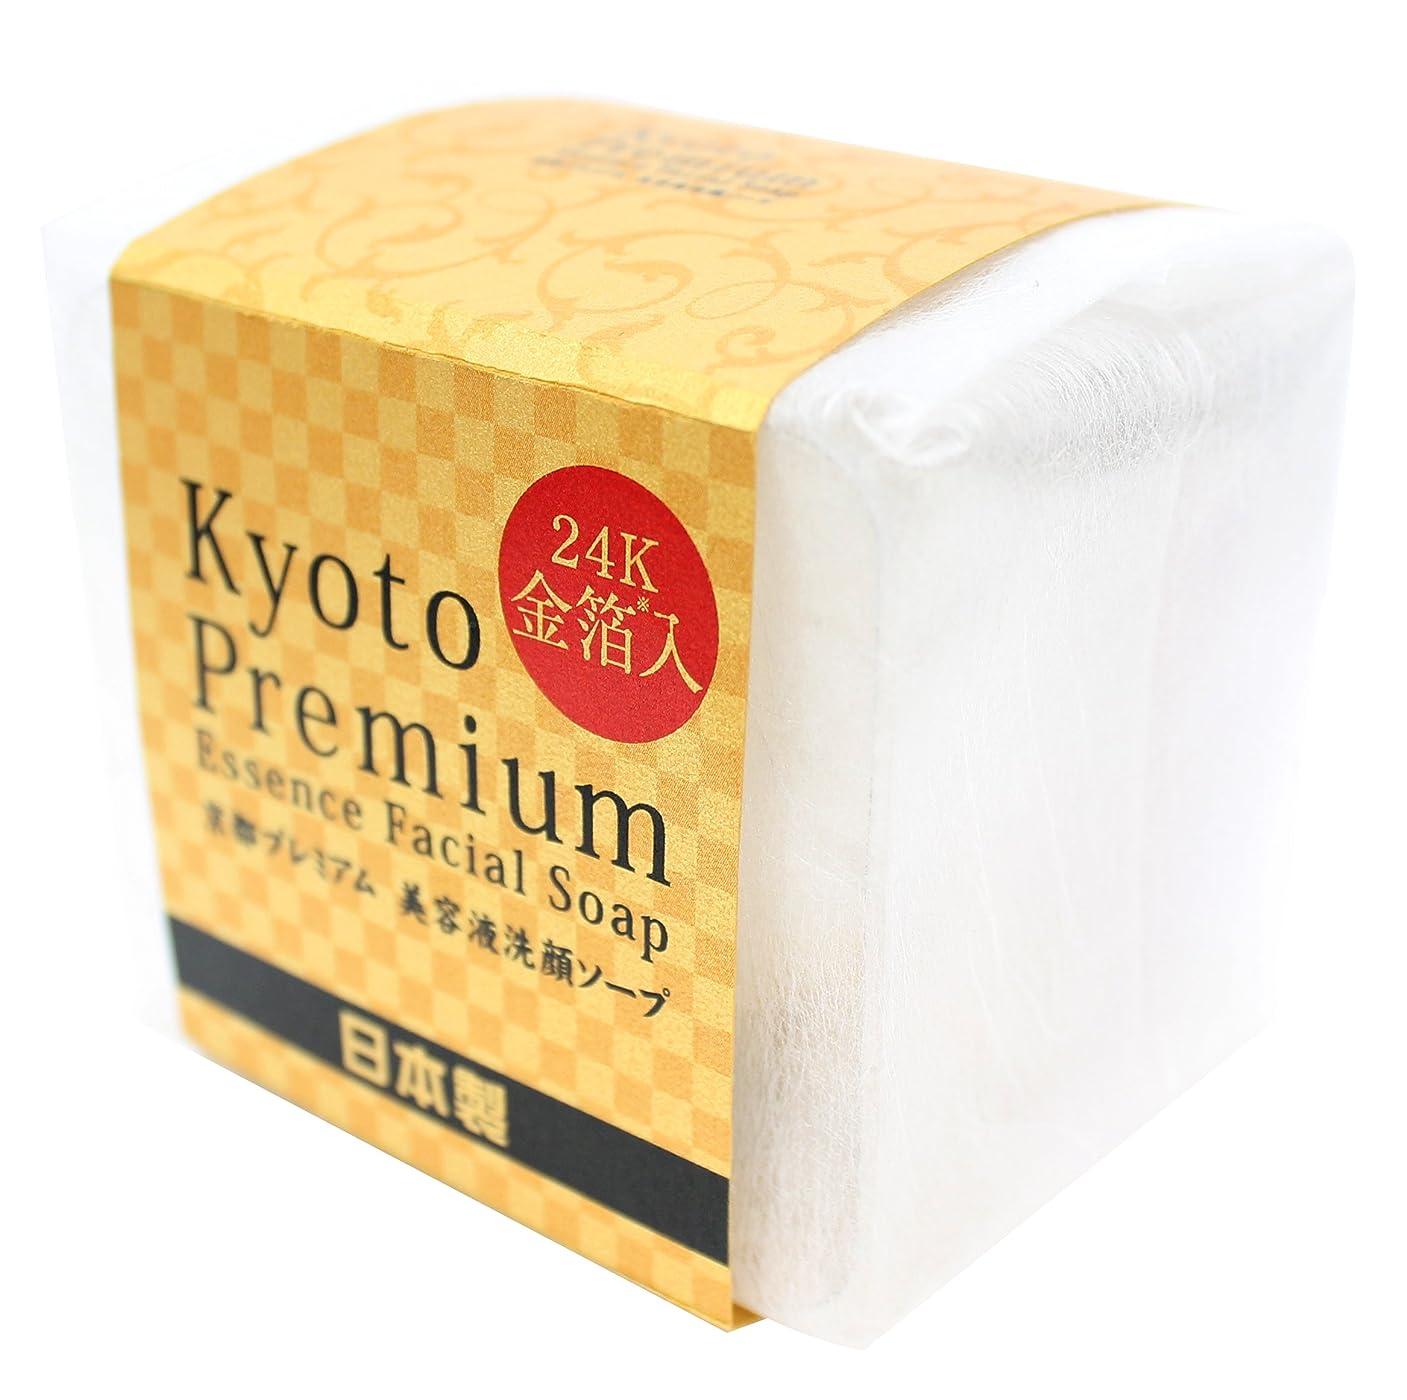 海外で背の高い増加する京都プレミアム kyotopremium 美容液洗顔ソープ